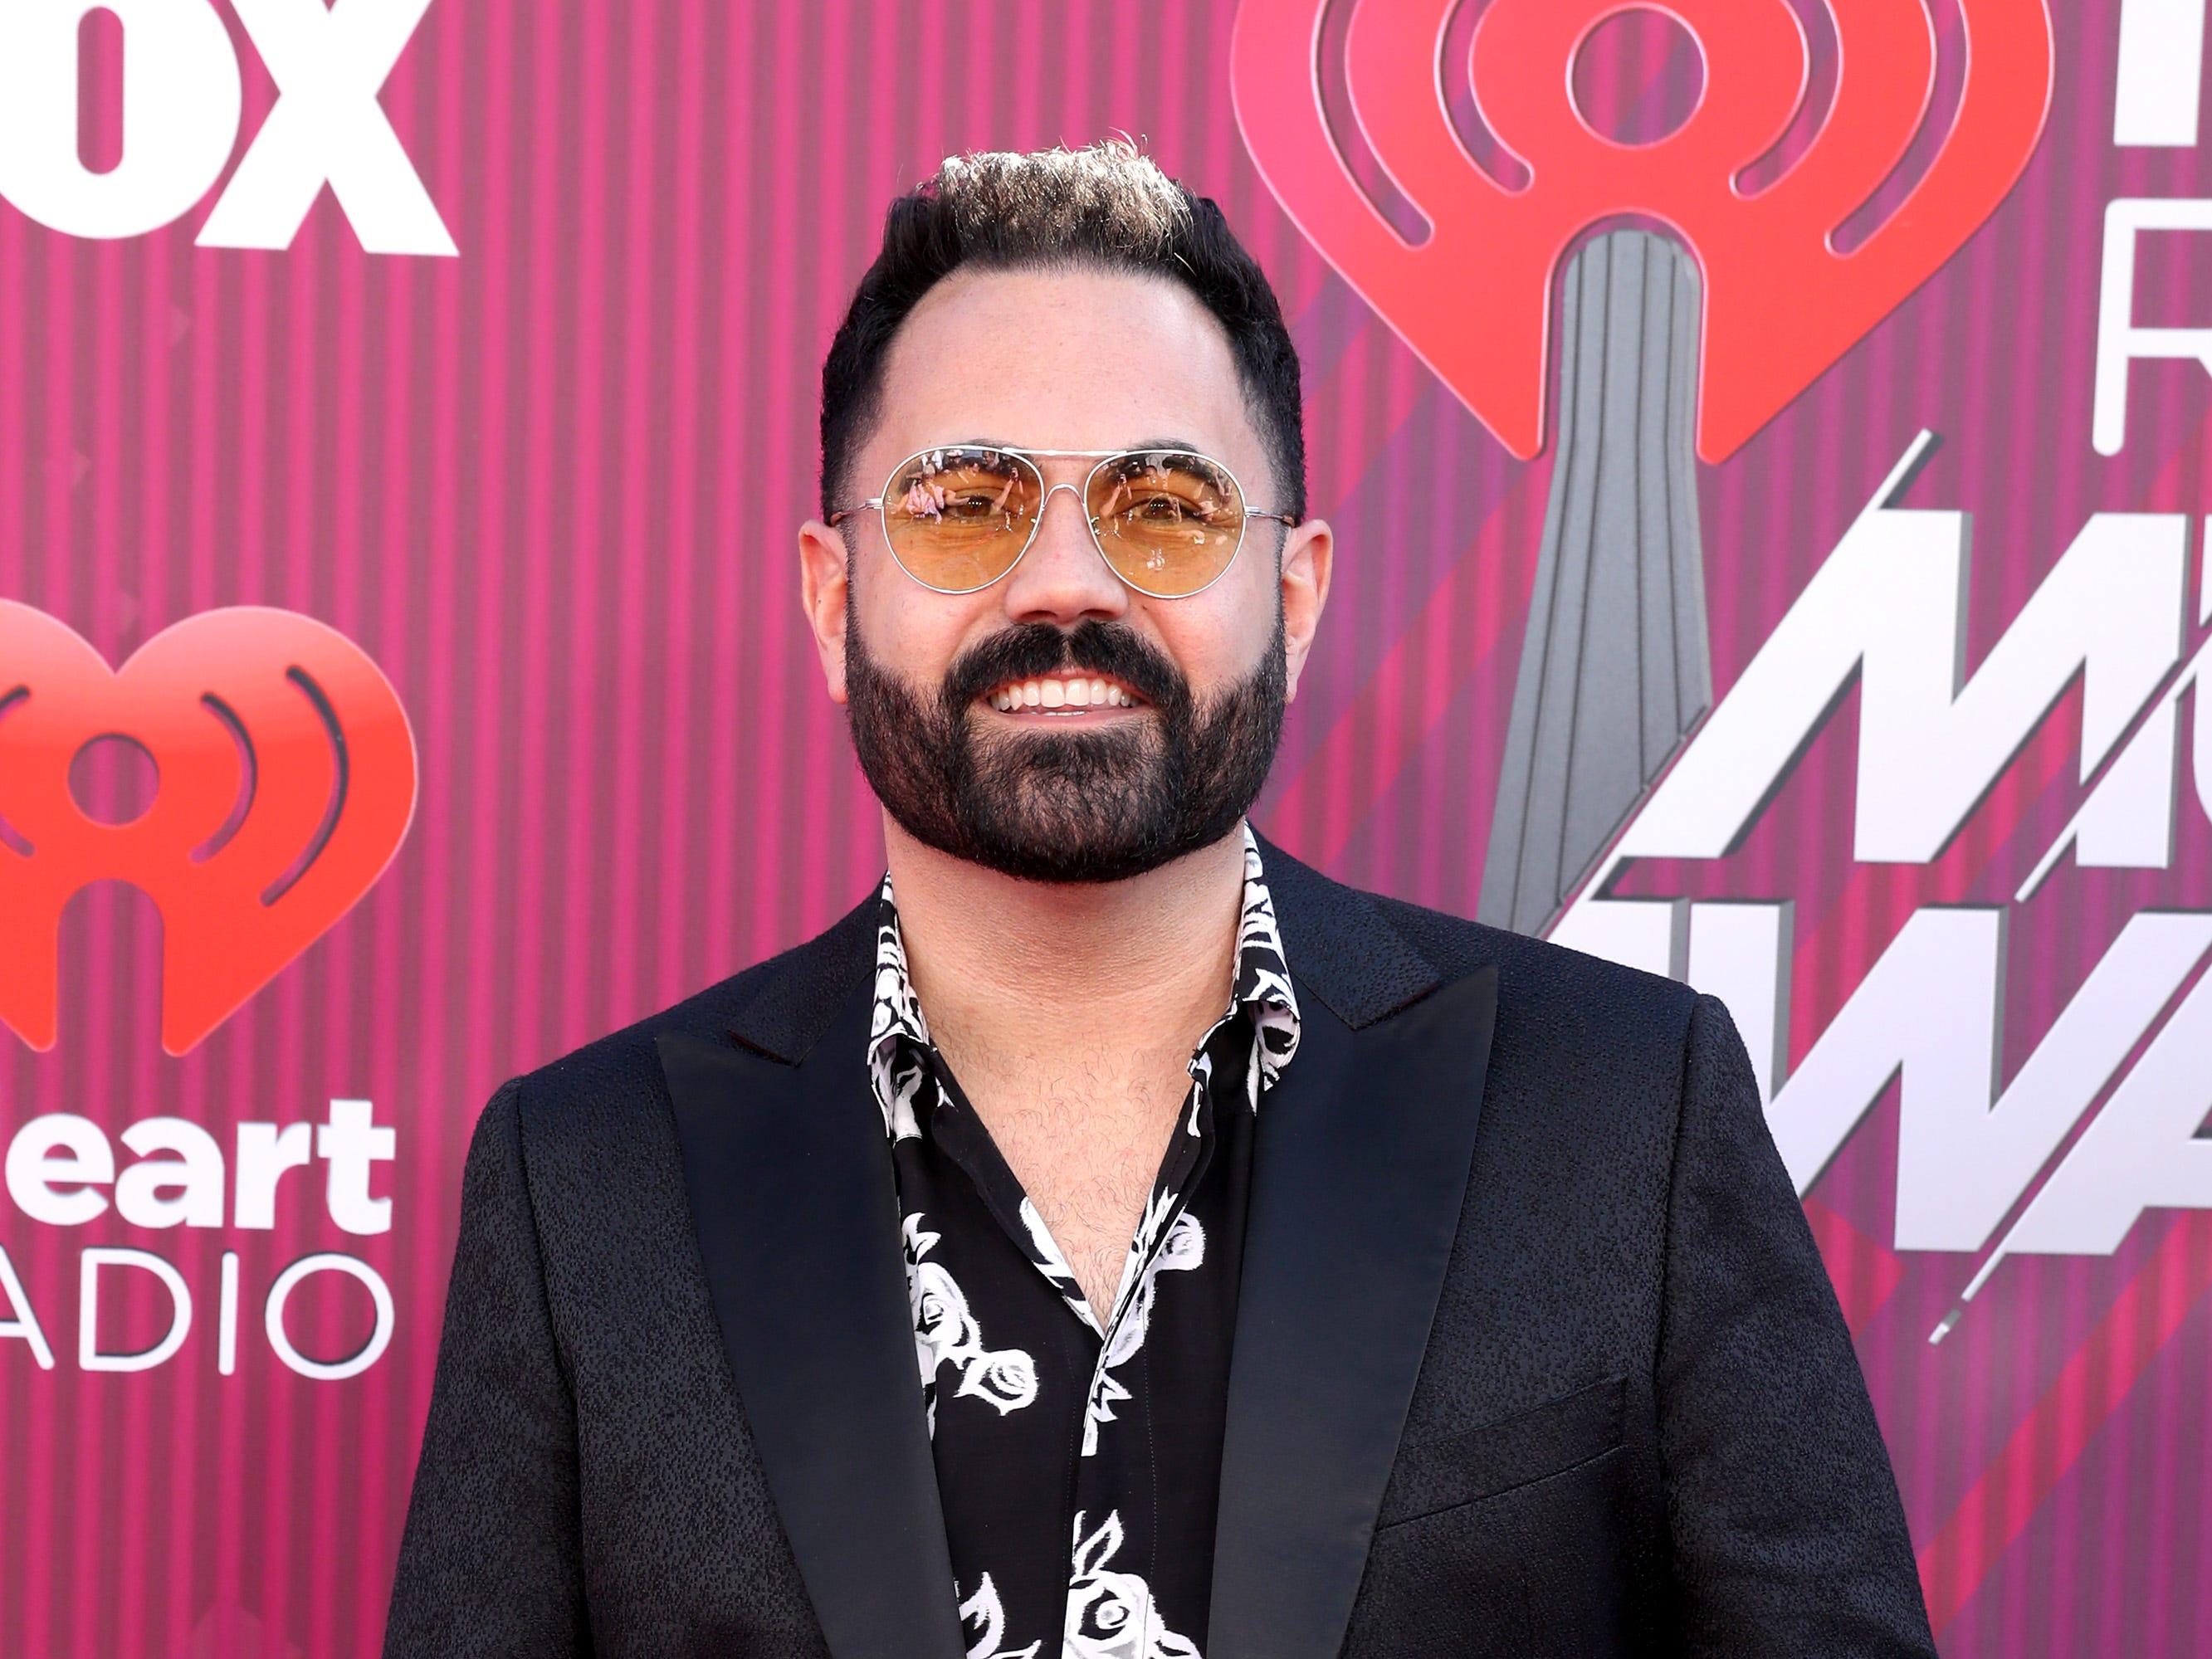 Enrique Santos a su llegada a los premios iHeart Radio Music Awards en 2019 el 14 de marzo de 2019 en Los Angeles, California.